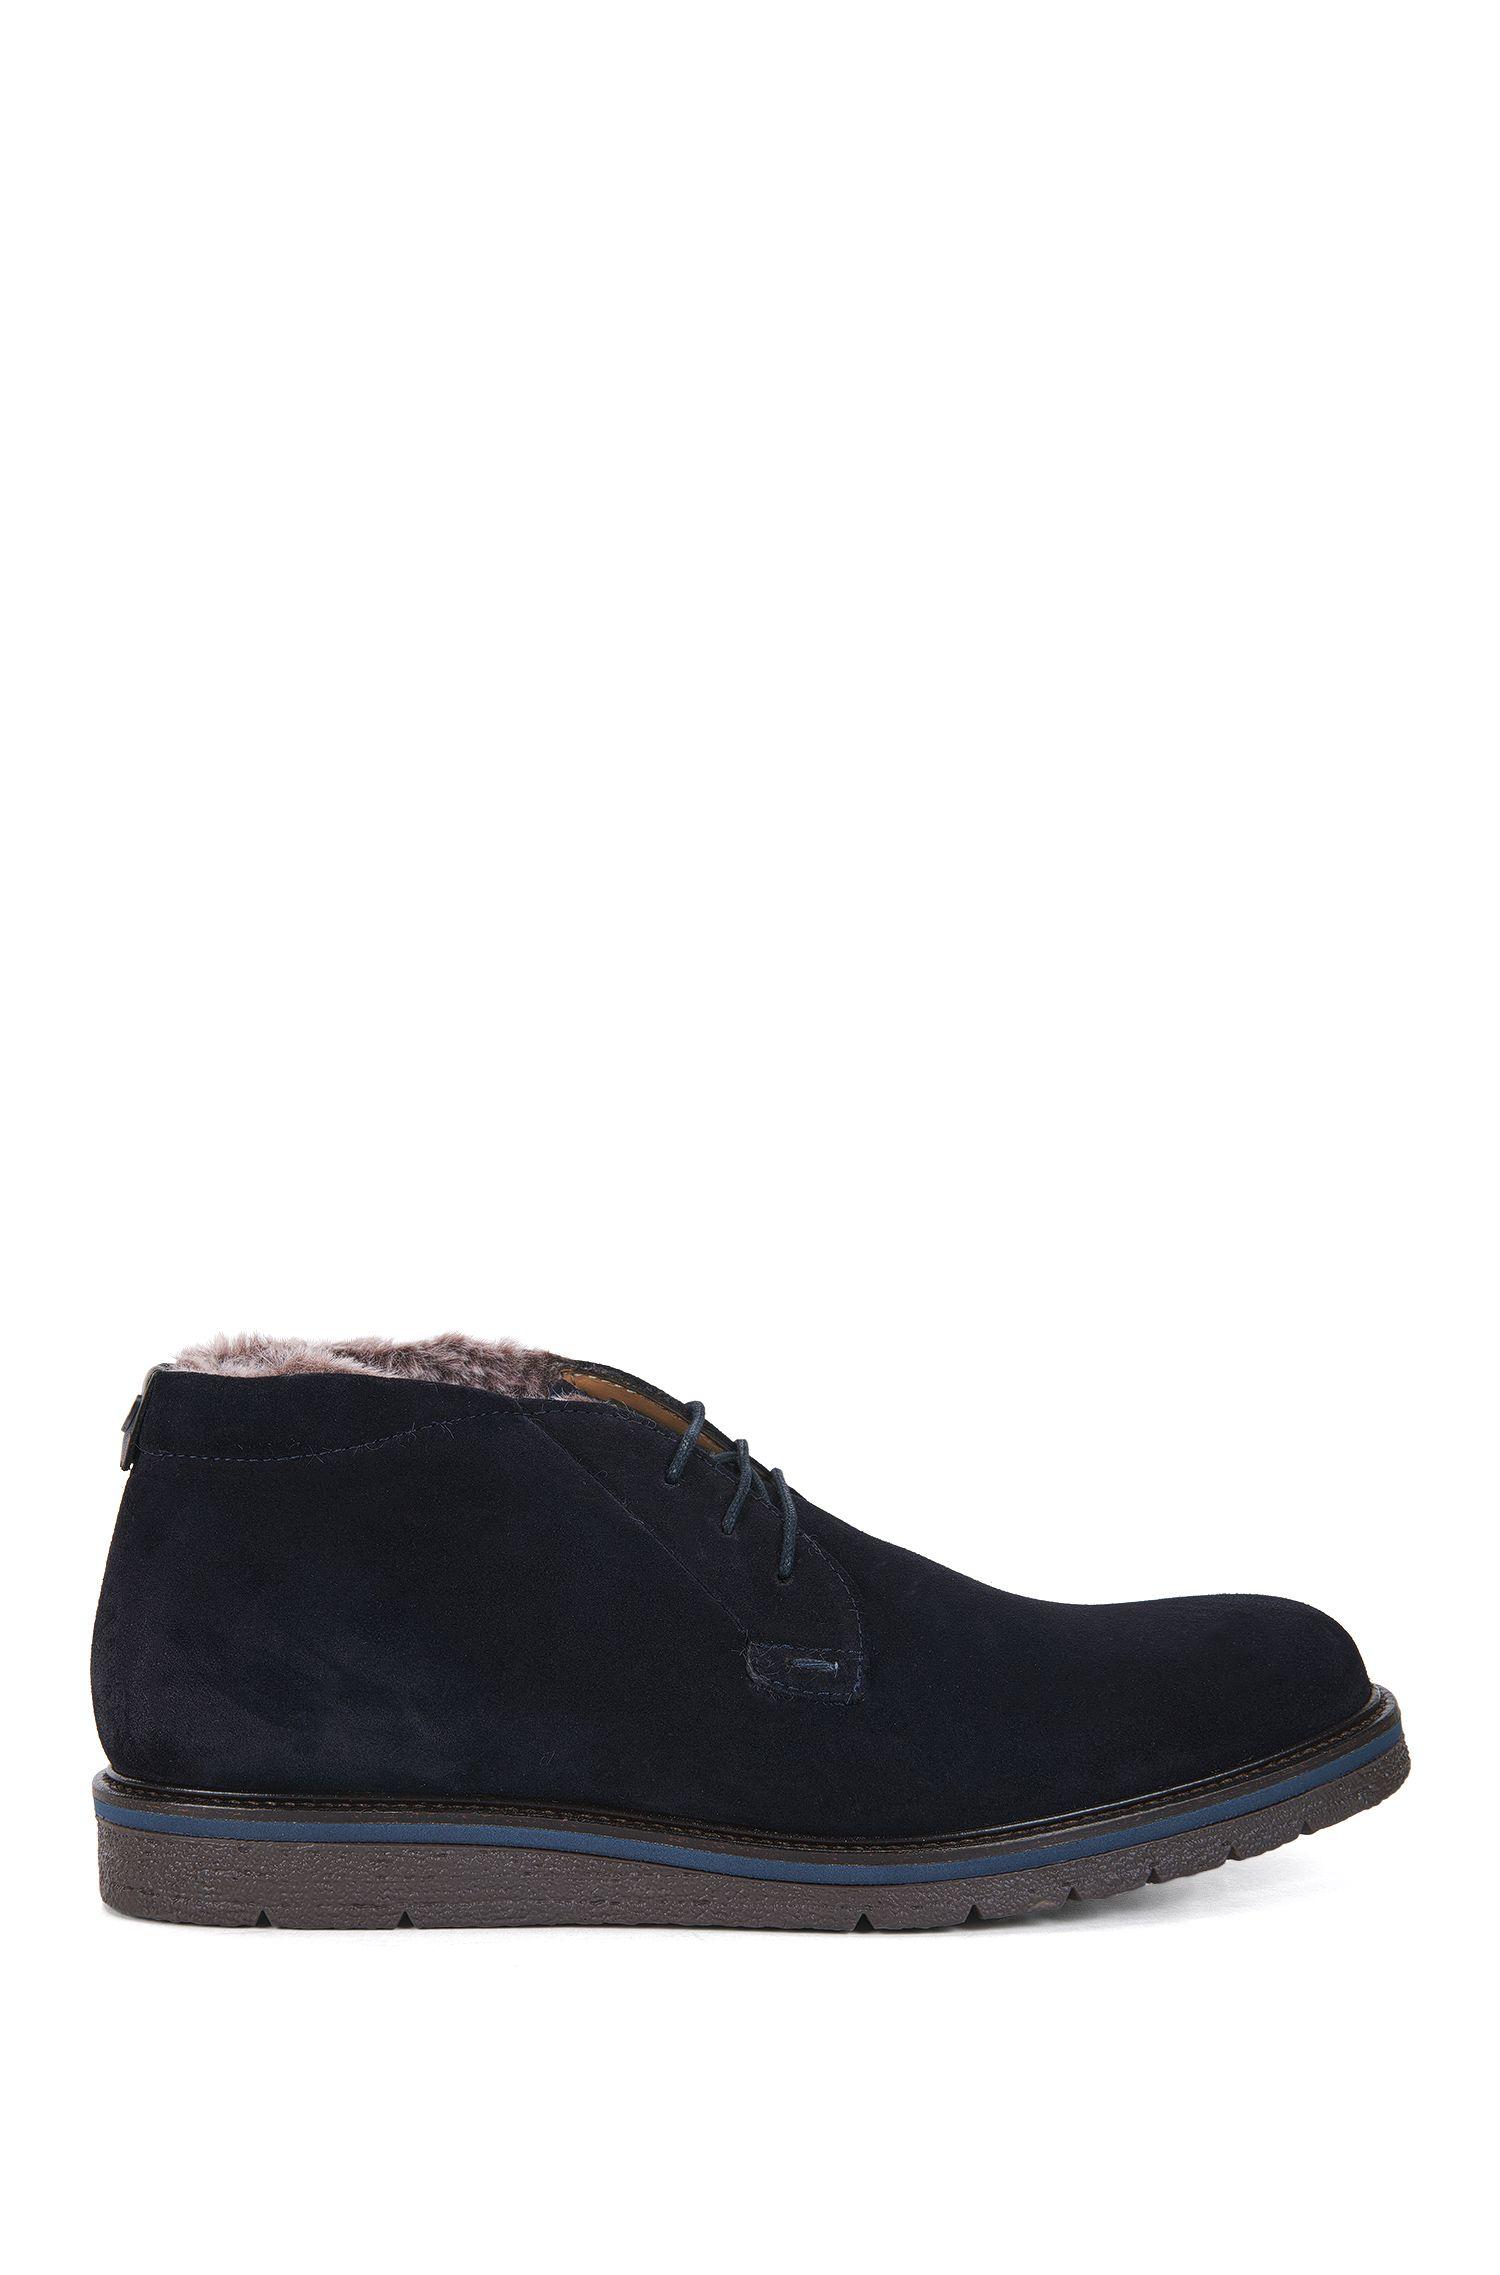 Desert boots en daim lavé avec doublure en fausse fourrure